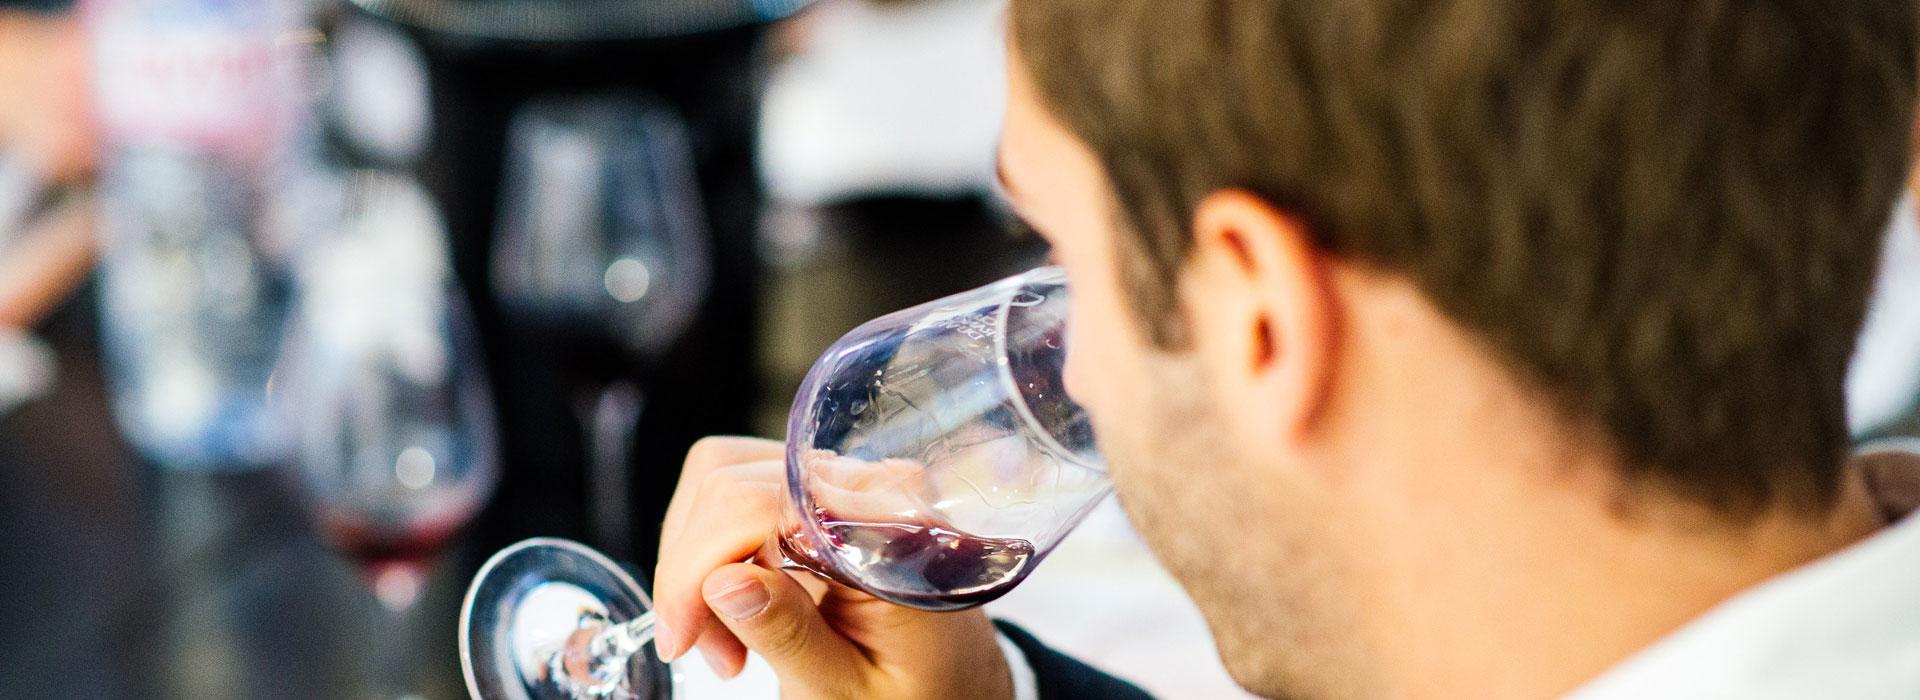 Nouveau atelier de mixologie, rencontre entre cokctails et vins